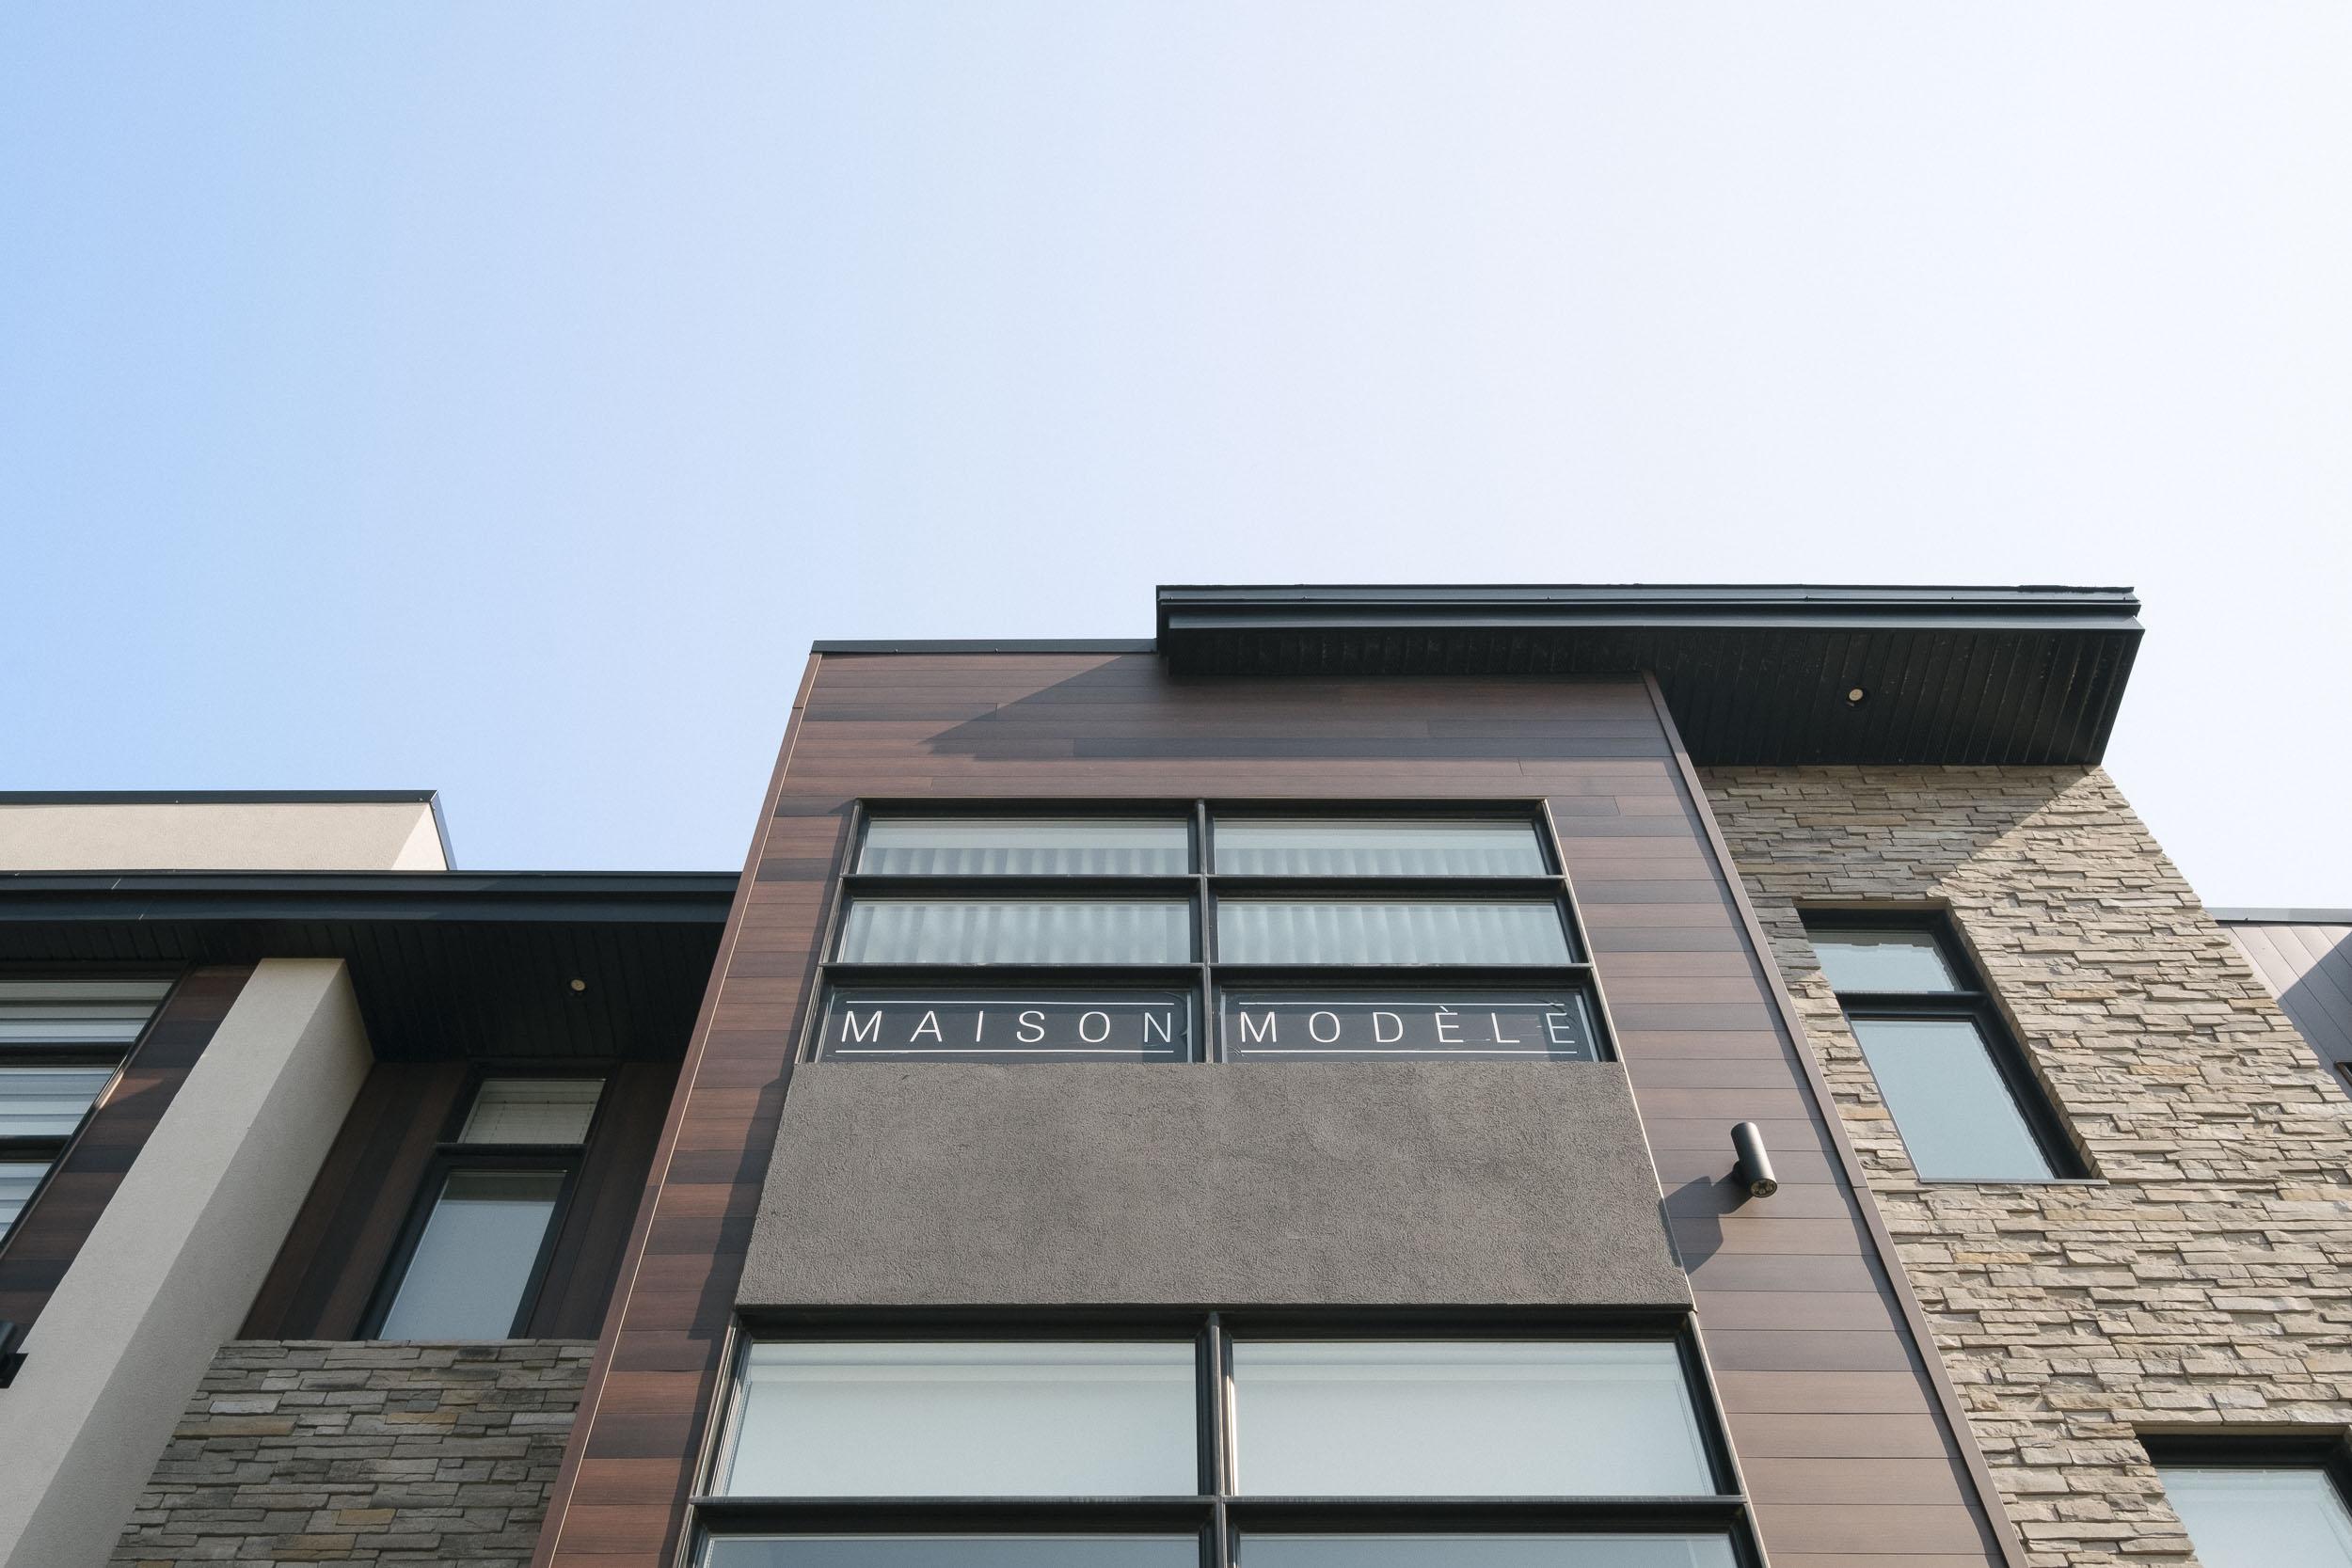 Josee_Marino_Phorographe_Architecture_Montreal-7.jpg